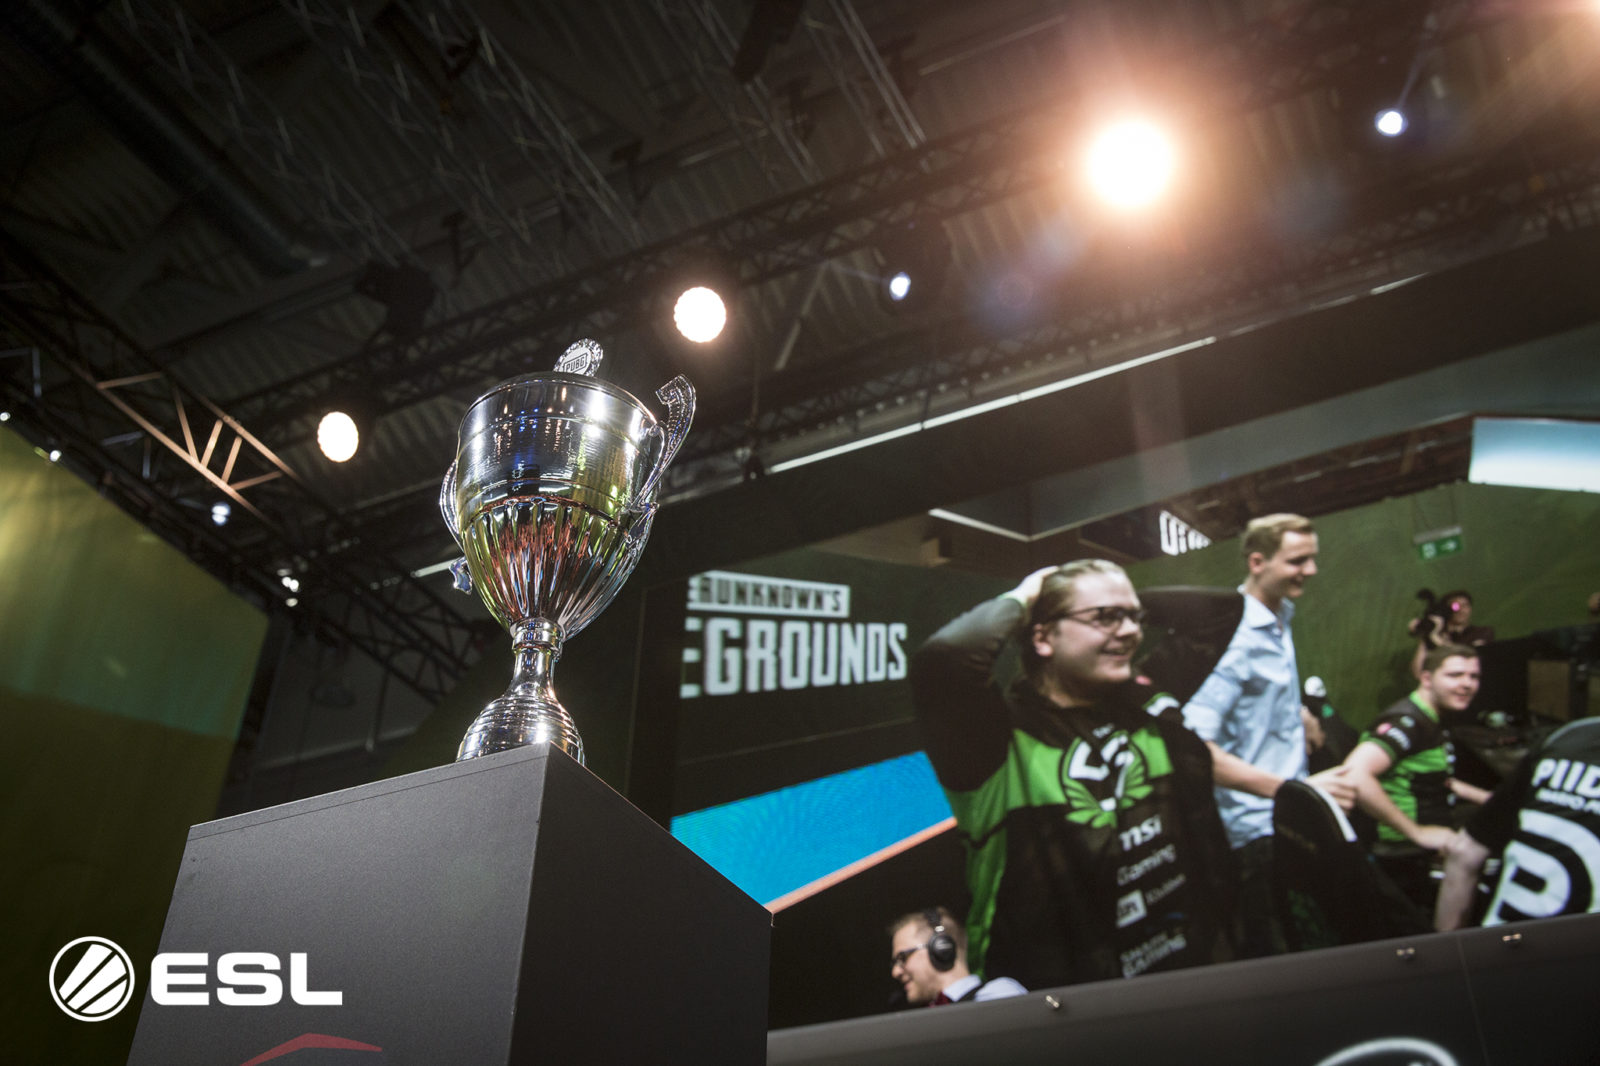 Die neue ESL Meisterschaft in PUBG: Diese Änderungen erwarten uns in der zweiten Saison